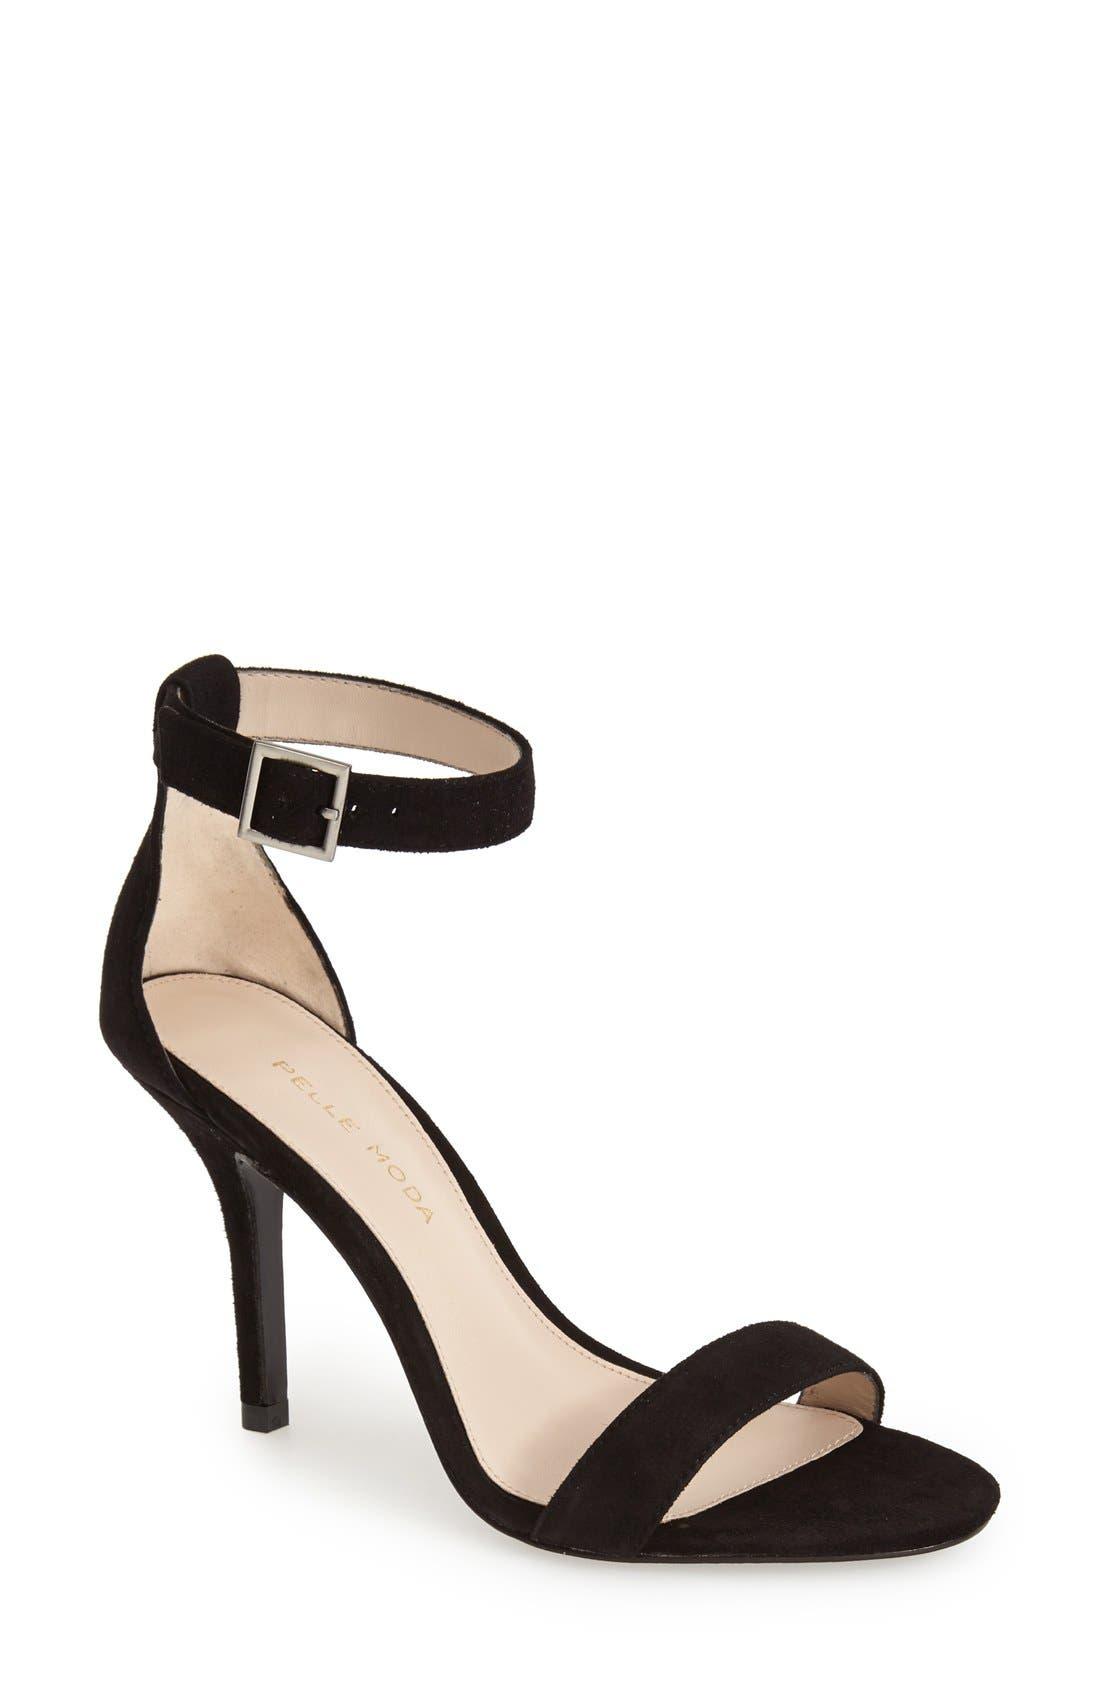 Alternate Image 1 Selected - Pelle Moda 'Kacey' Ankle Strap Sandal